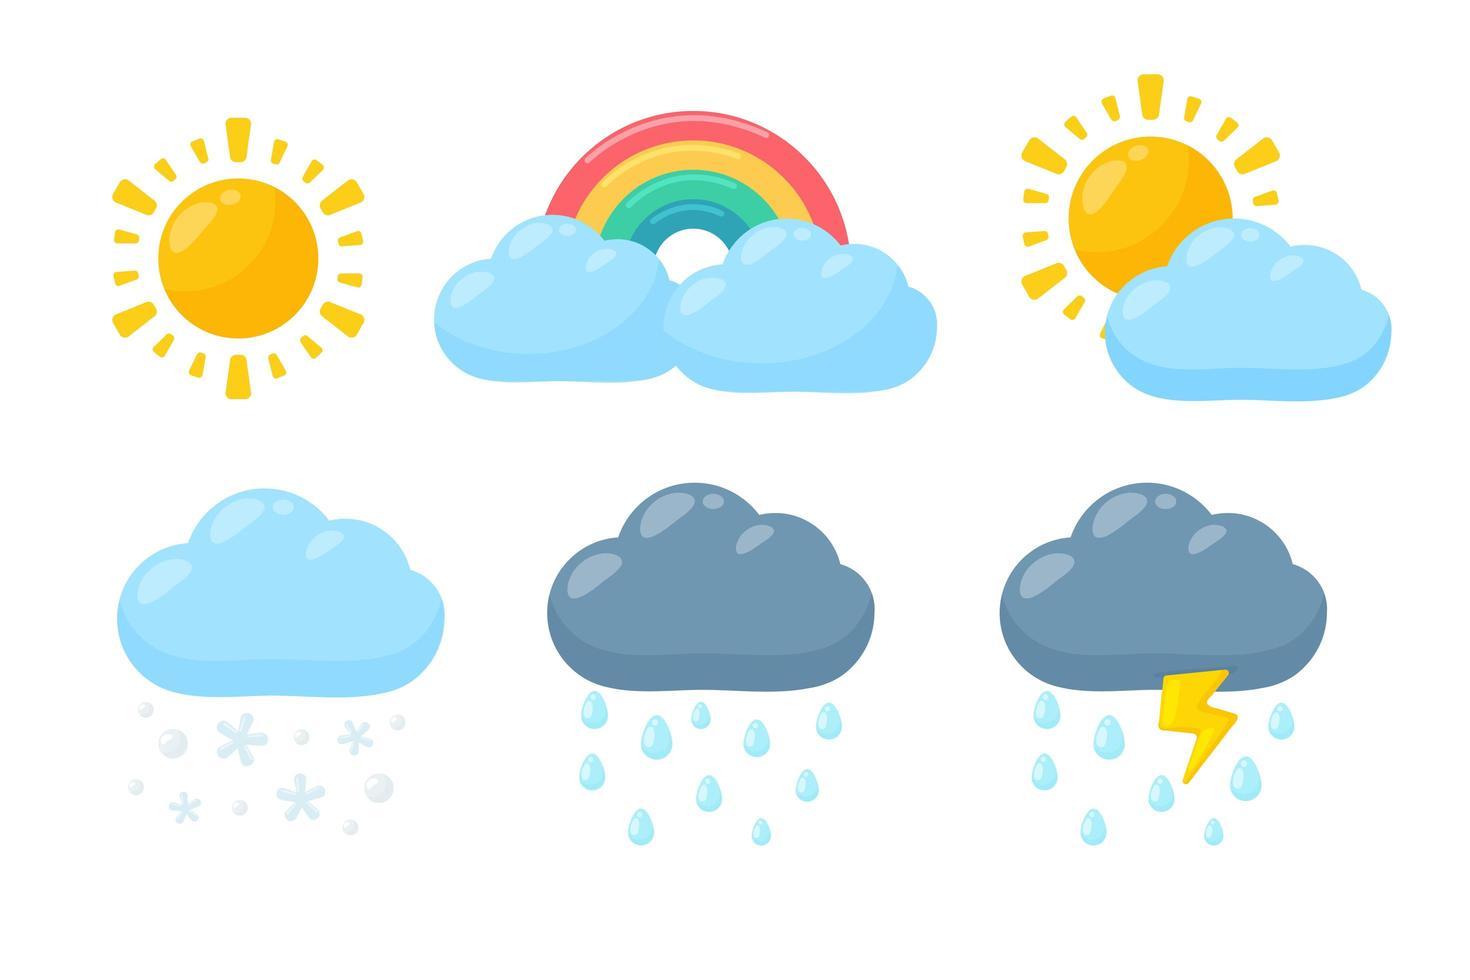 väder ikonuppsättning i tecknad stil vektor